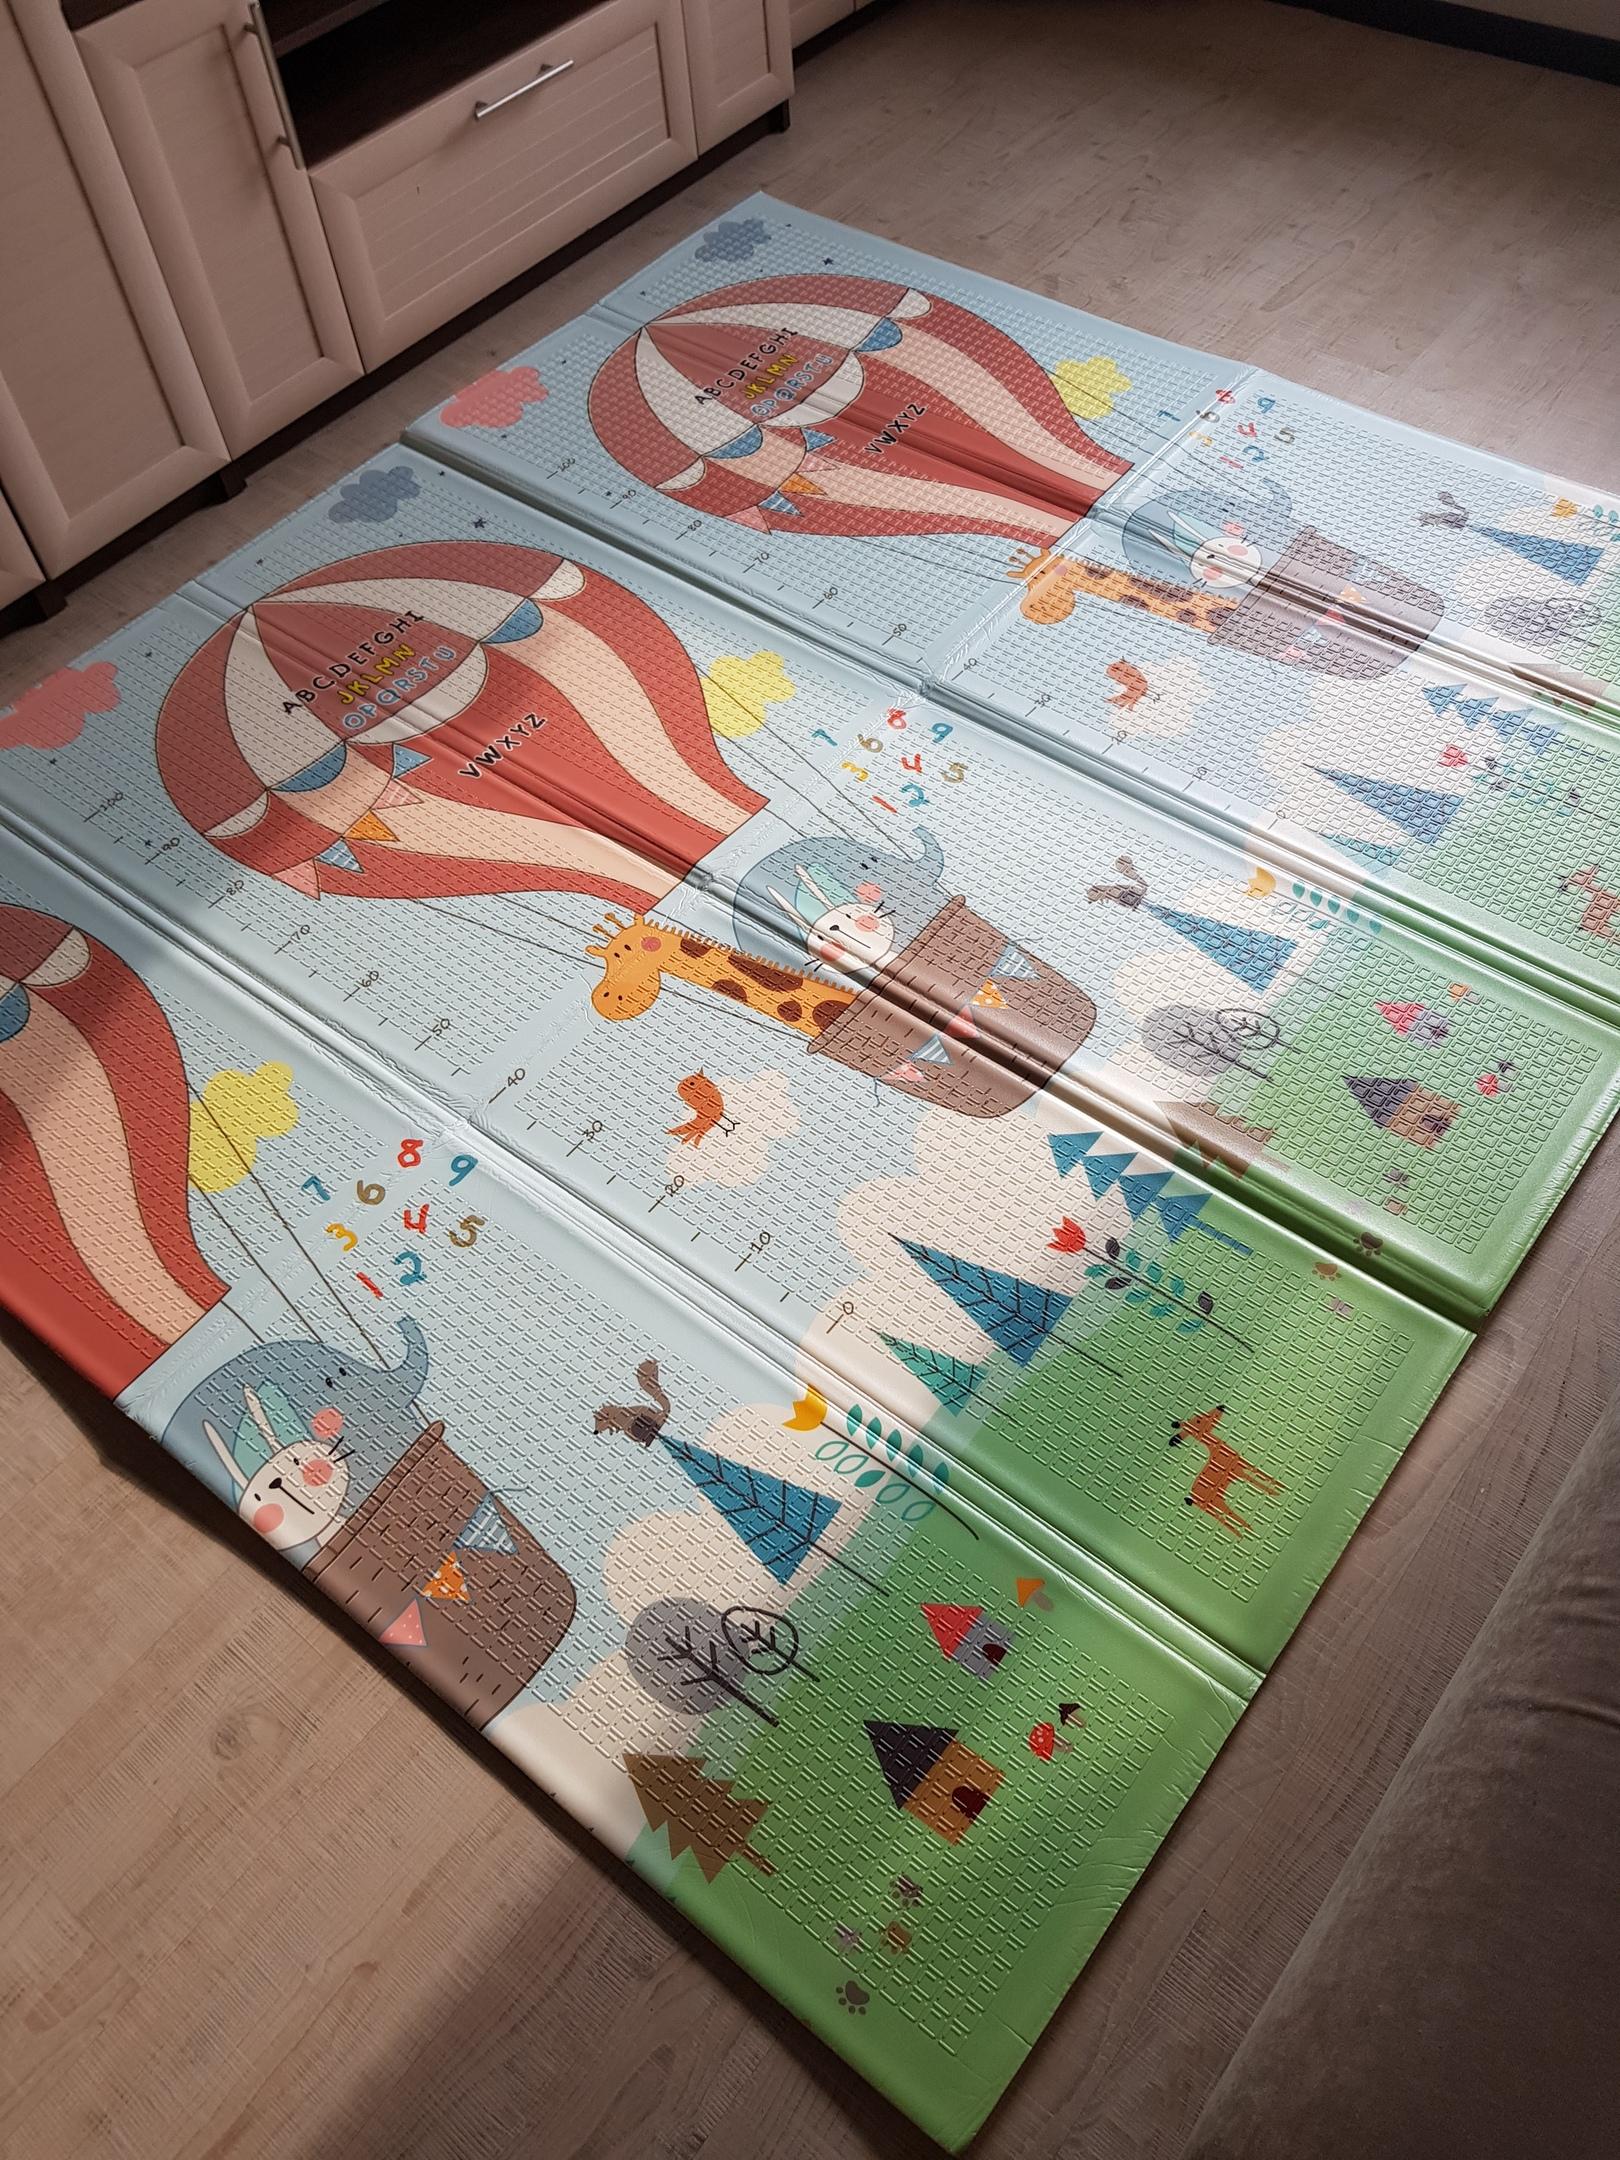 Складной коврик XPE «Парашютисты»  — размер 200*180*1 см